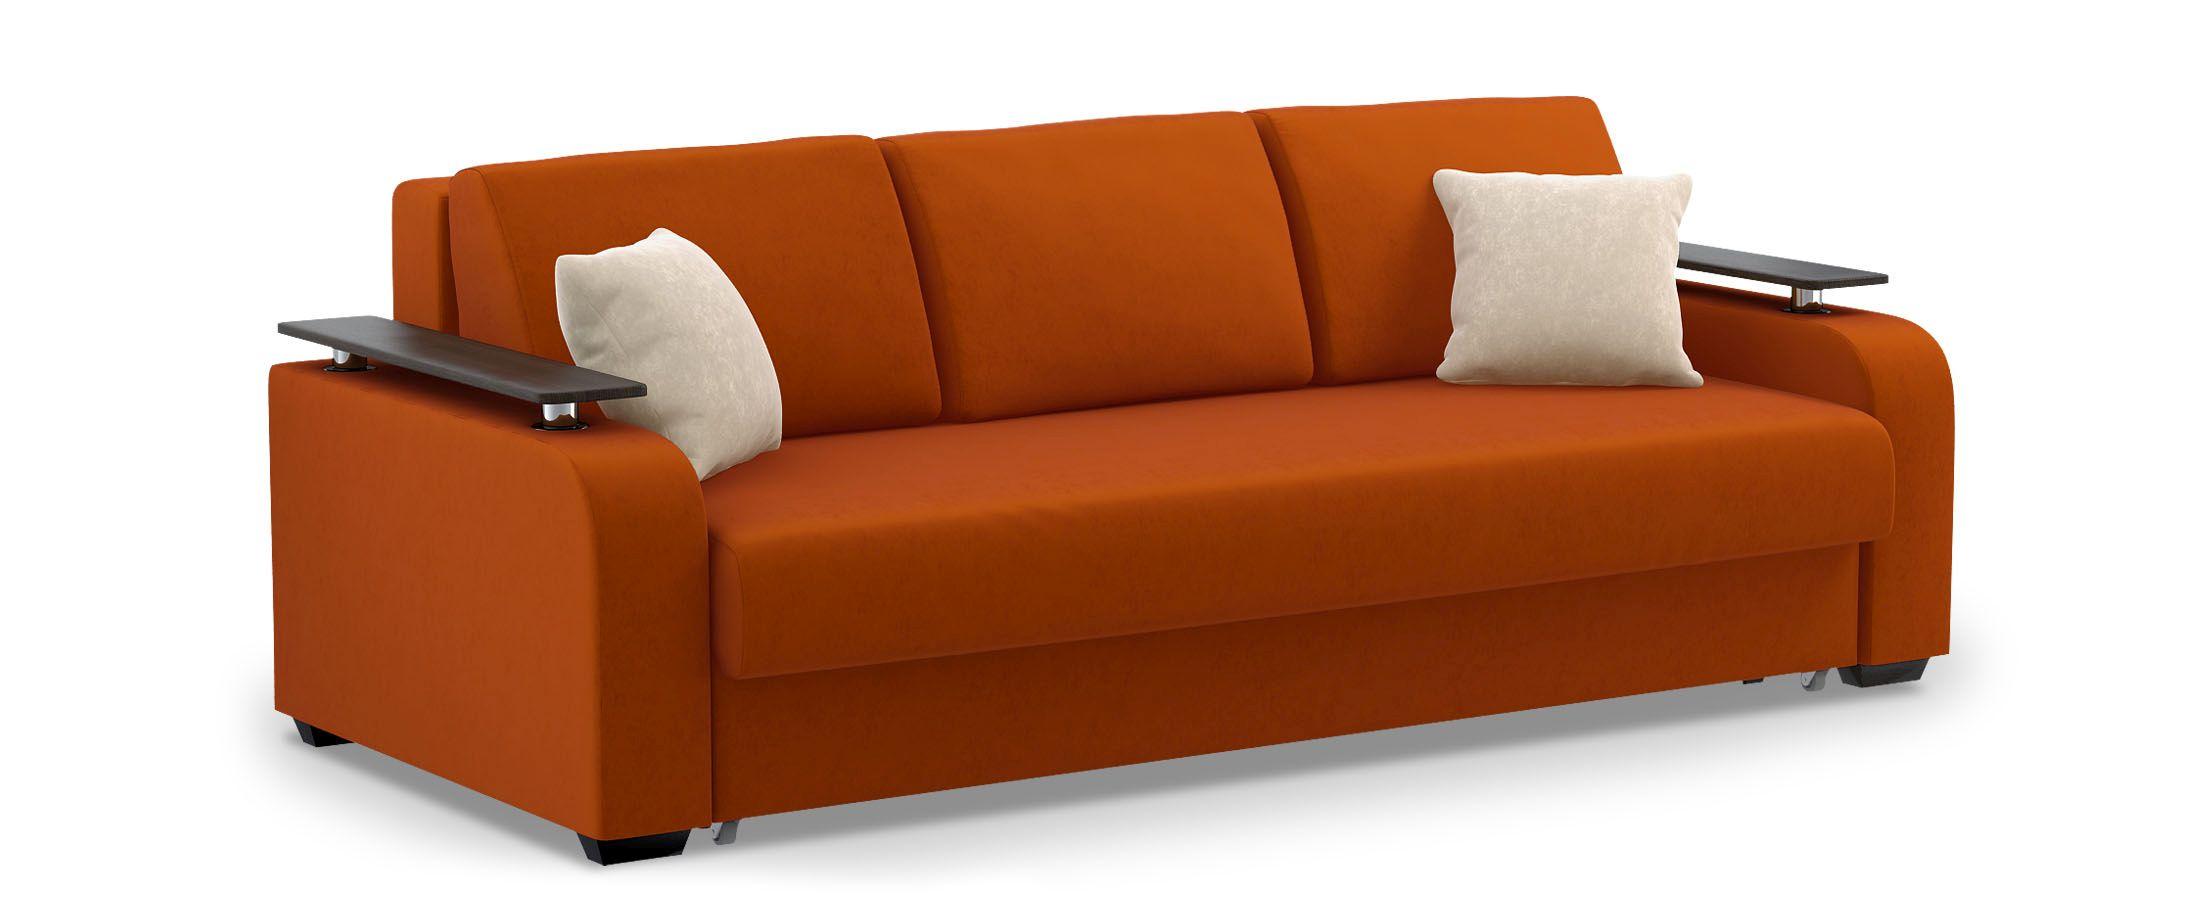 Диван прямой еврокнижка Марракеш 044Гостевой вариант и полноценное спальное место. Размеры 237х108х88 см. Купить коричневый диван еврокнижка в интернет-магазине MOON TRADE.<br>